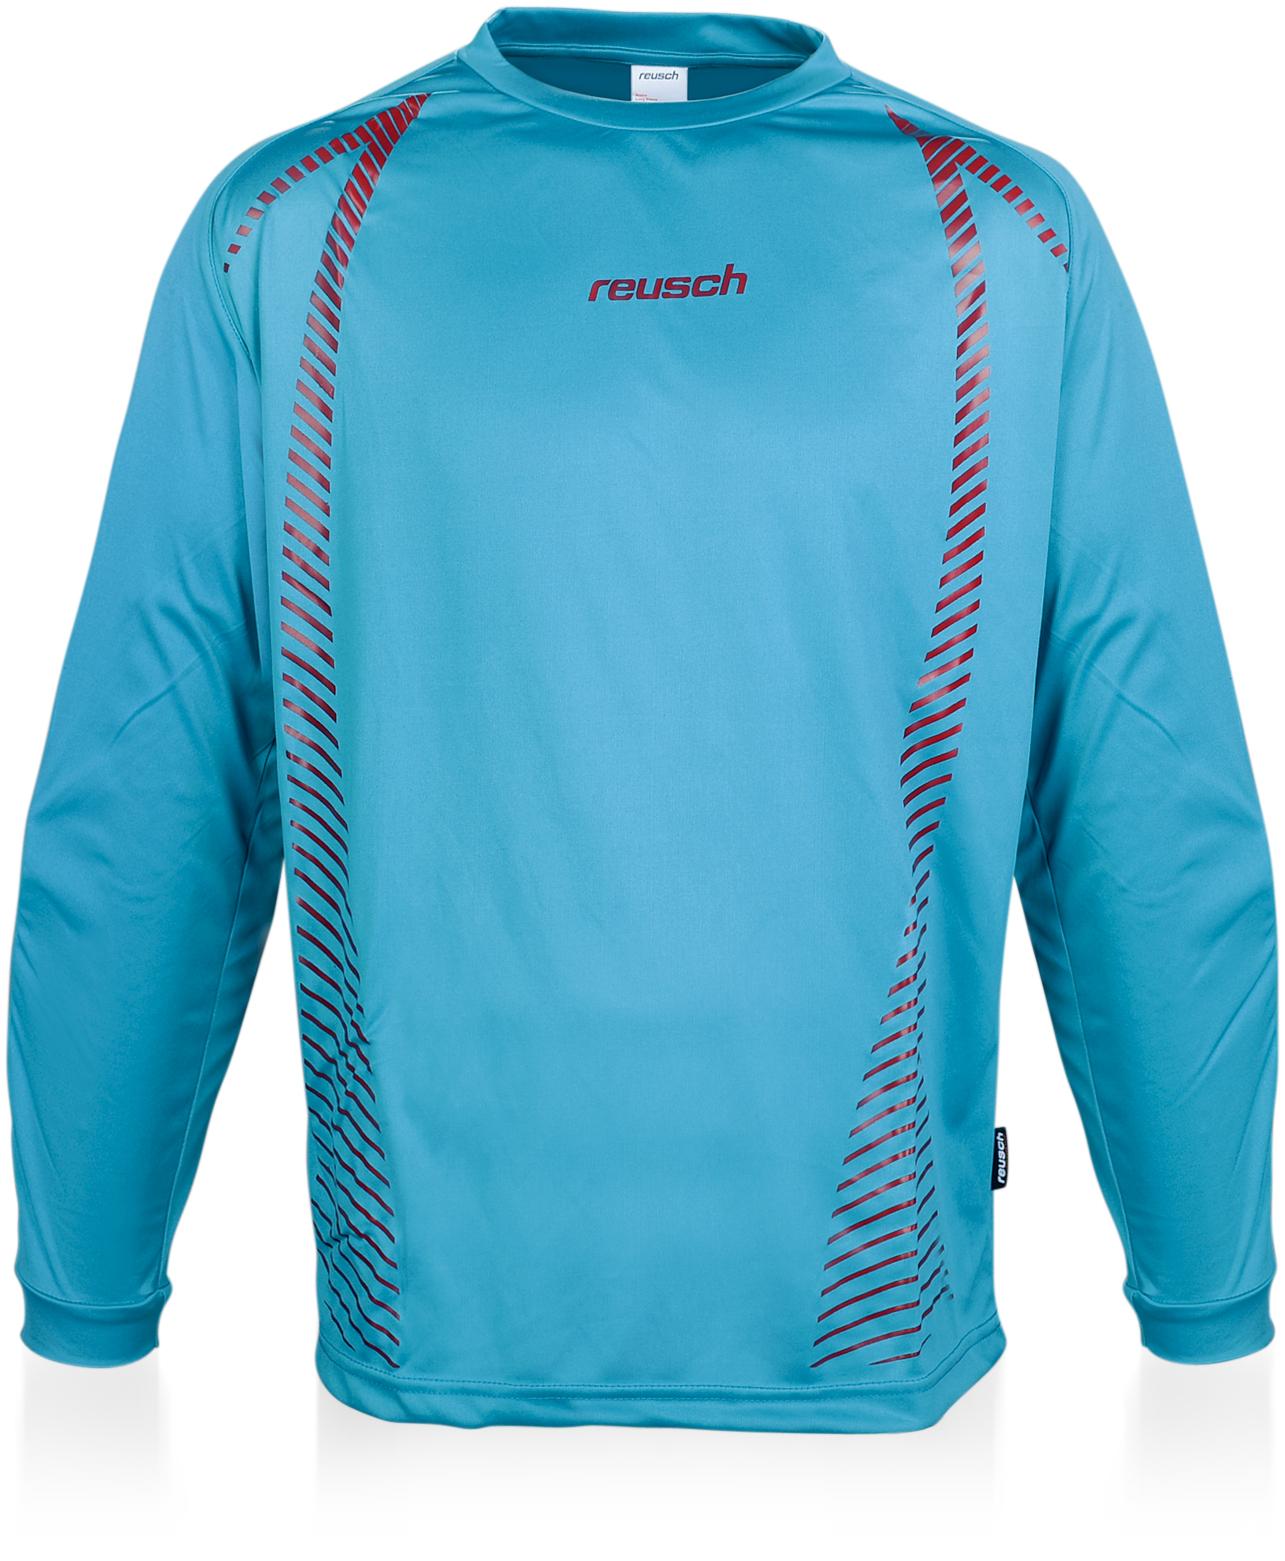 Reusch Maska Longsleeve Goalkeeper Shirt (blue)